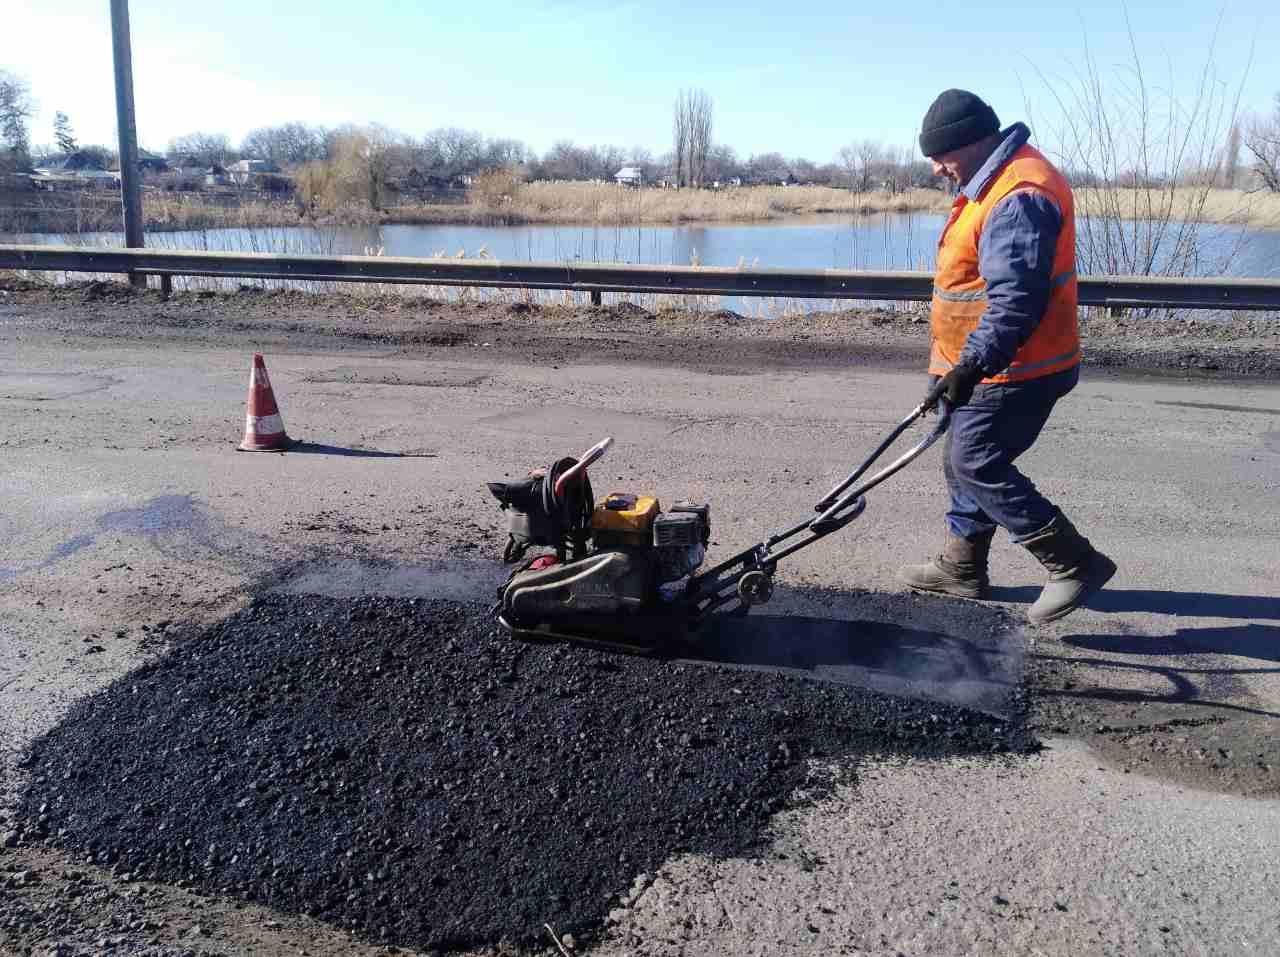 На Кіровоградщині за тиждень полагодили майже 10 тис. кв м аварійних доріг - 1 - За кермом - Без Купюр